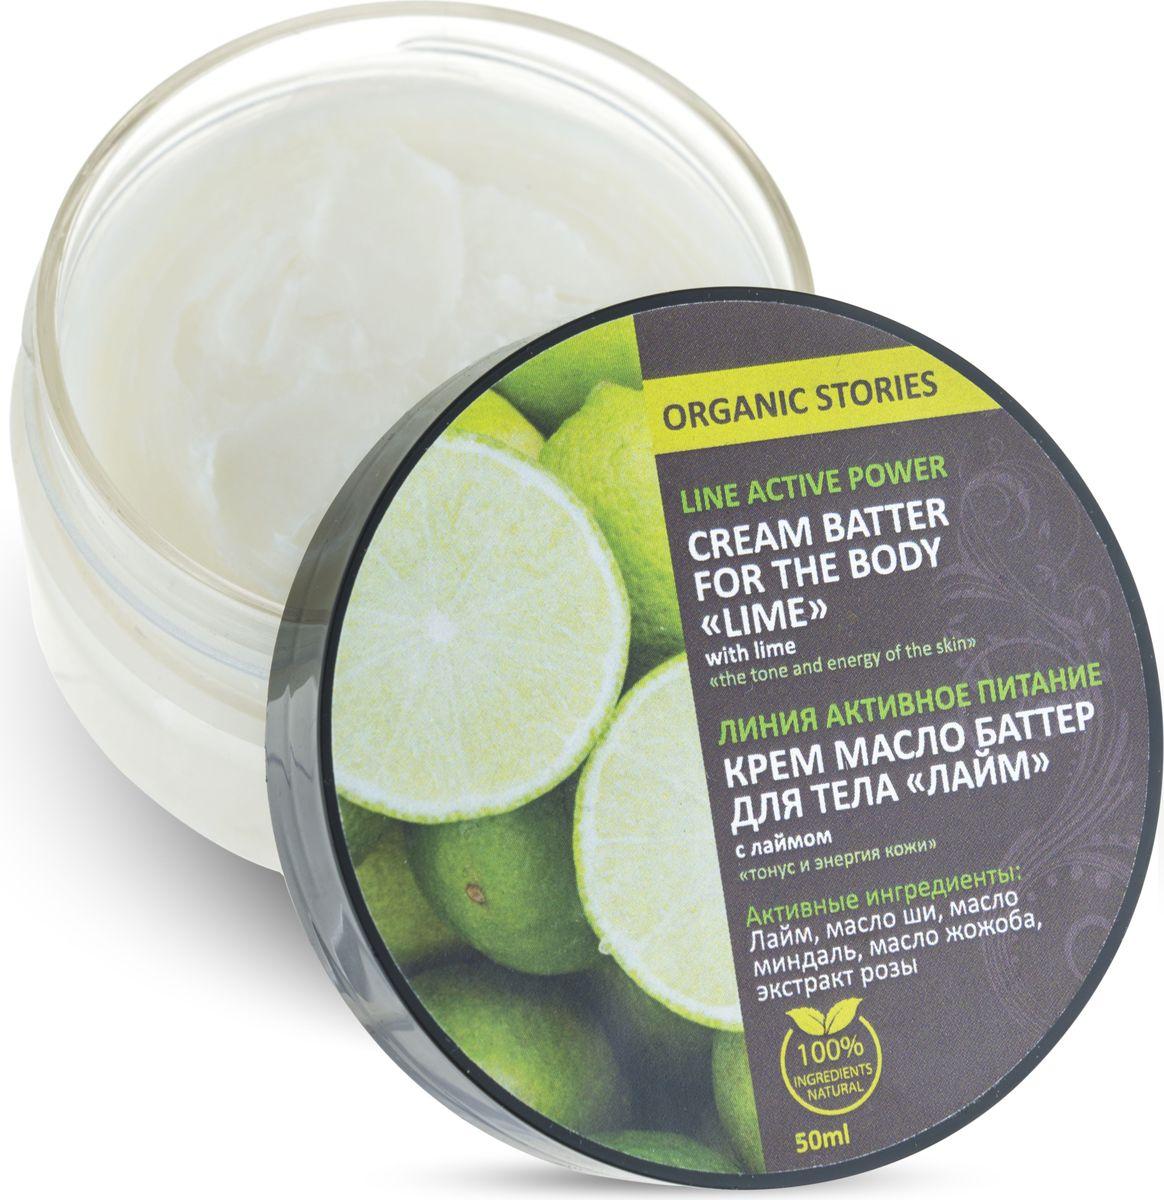 Organic Stories Крем-масло баттер для тела Лайм с маслом лайма Тонус и энергия кожи, 50 мл4631140072679Масло-баттер - это продукт, содержащий 100% твердых масел растительного происхождения. Баттер являет великолепной натуральной заменой обычным промышленным кремам. Специально подобранные масла не только питают кожу, но и восстанавливают ее на клеточном уровне. Не содержит силиконов.